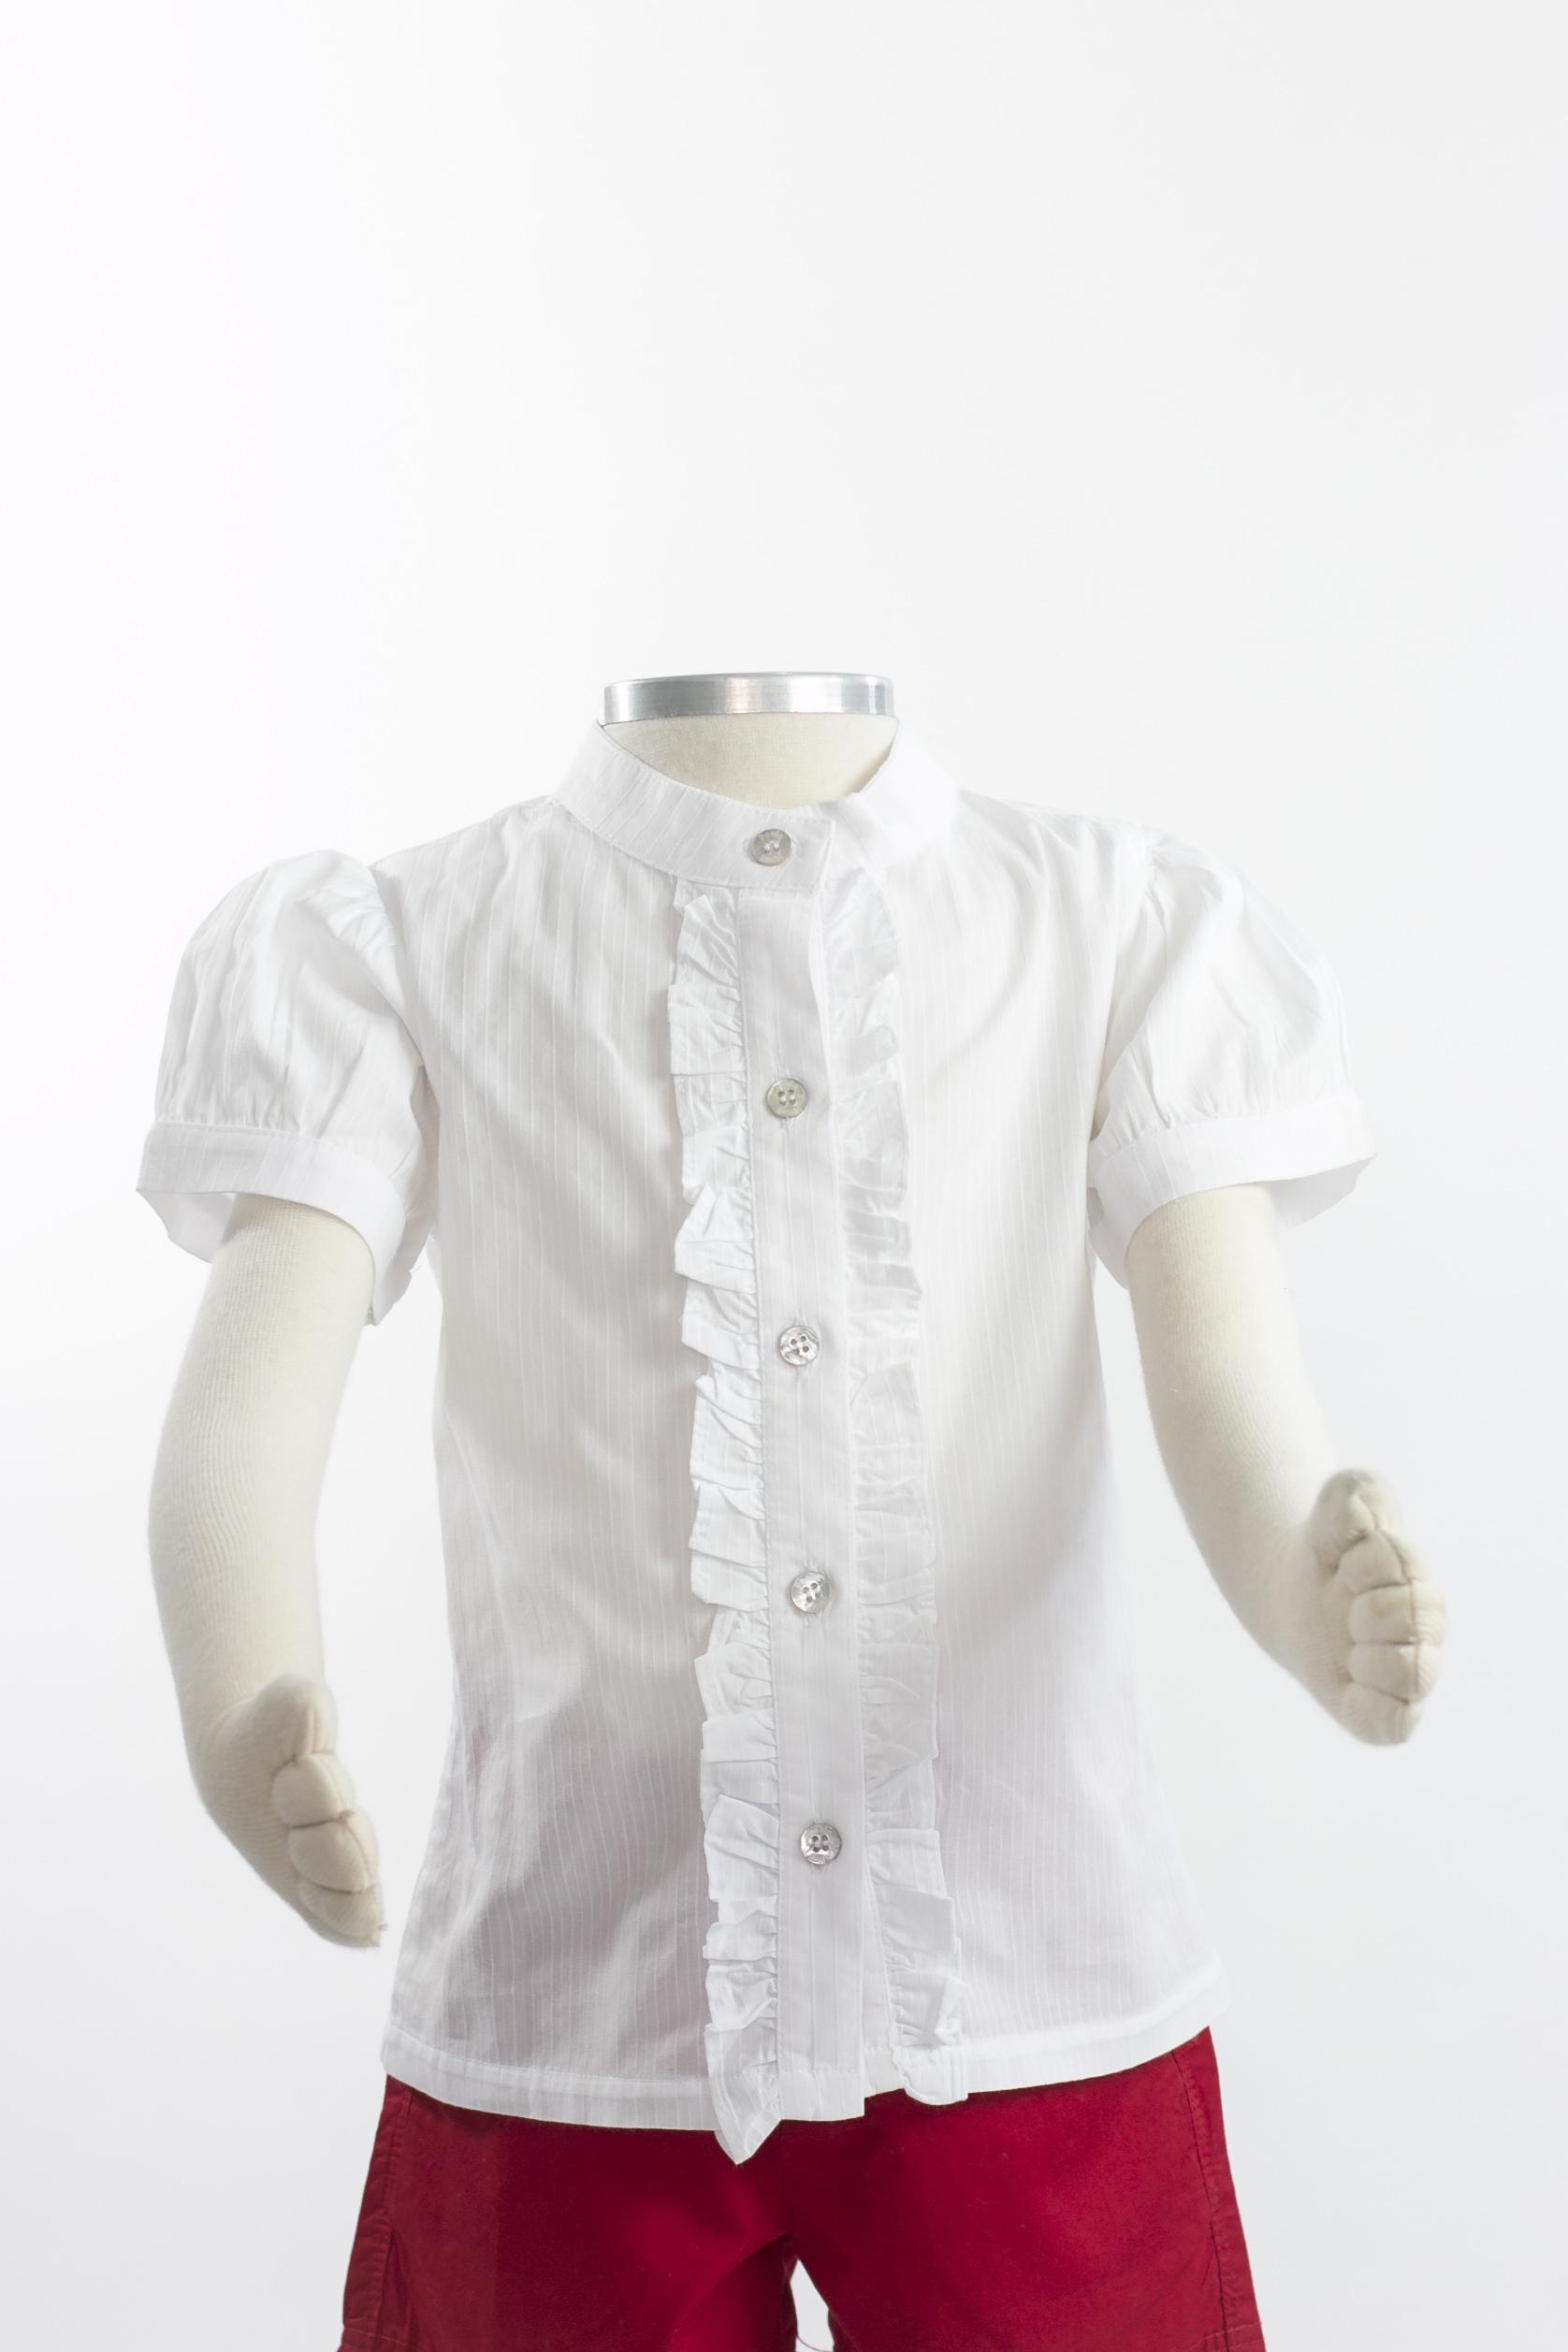 d6f9c6bea PAOLA - Camisa feminina infantil branca com babado - Brechó Agora é Meu!